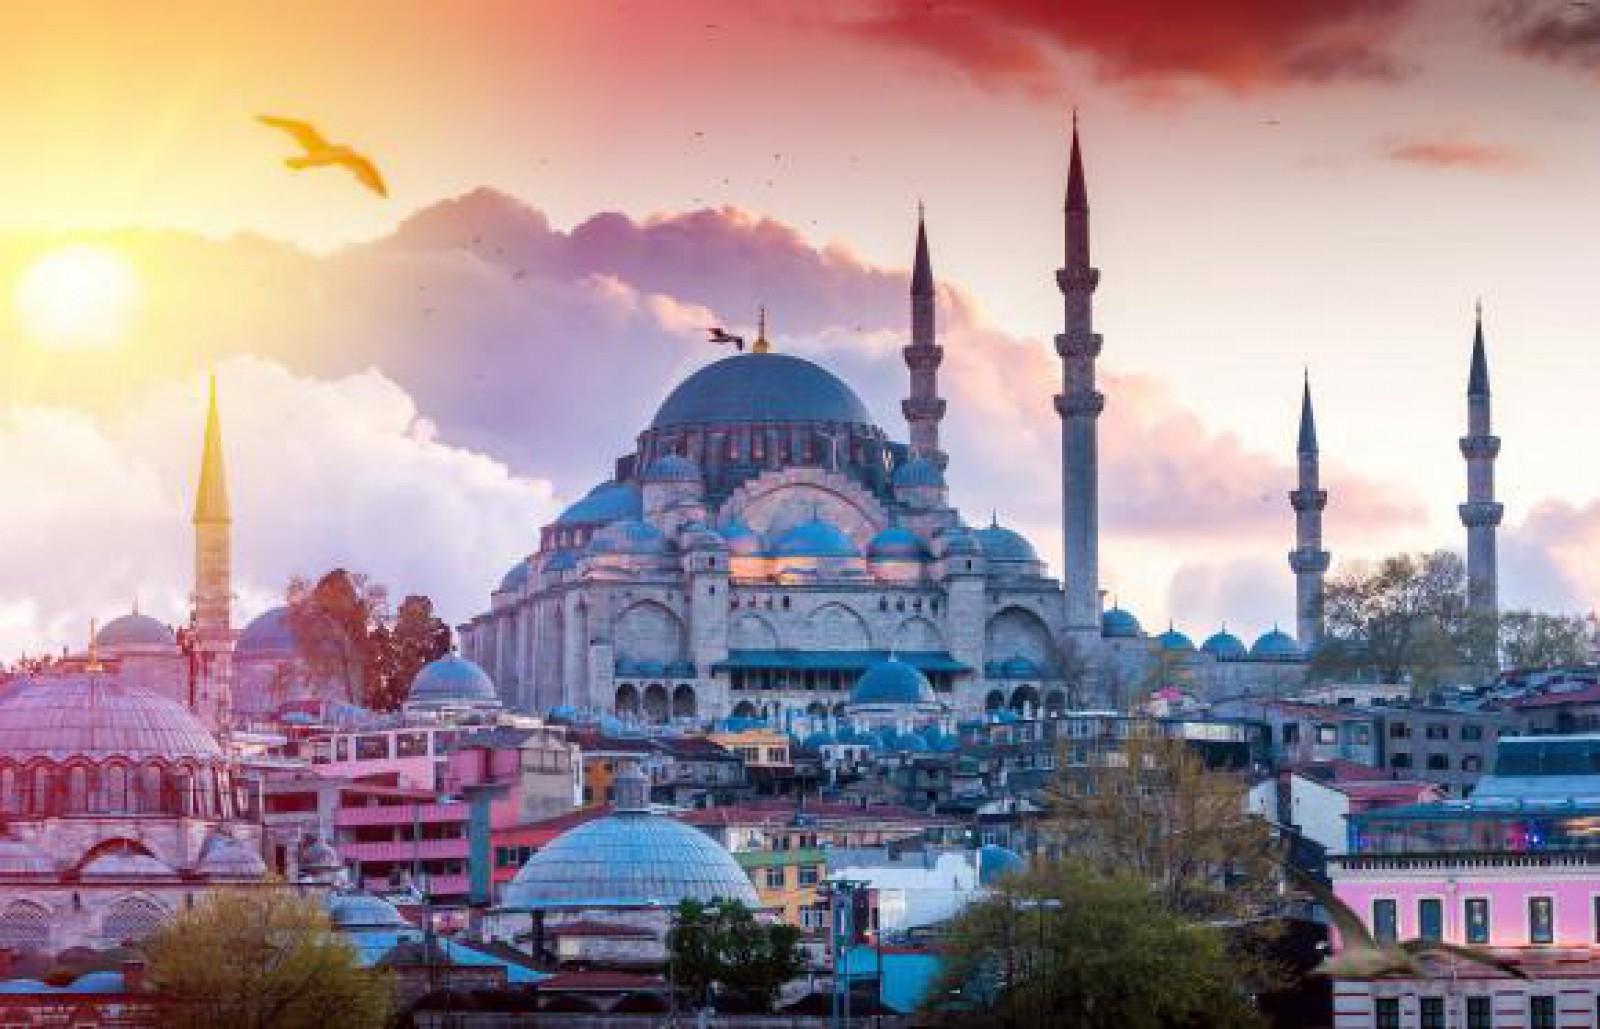 Israel: Cetăţenii israelieni sunt sfătuiți să nu mai călătorească în Turcia